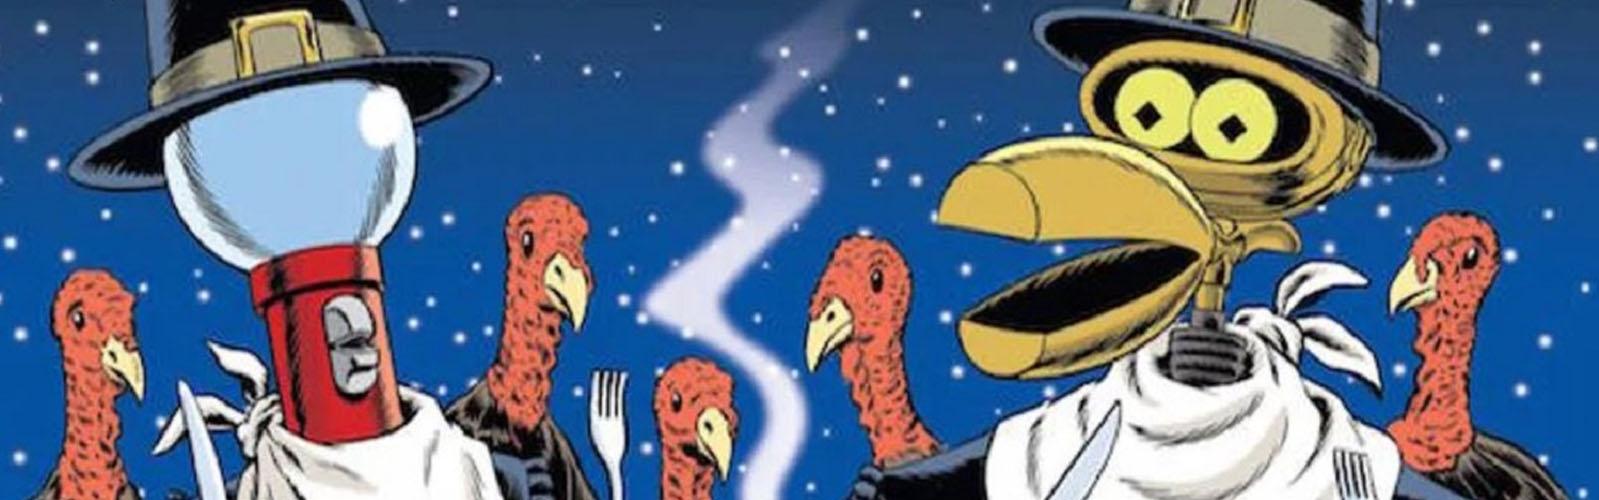 We got Turkey Sign!